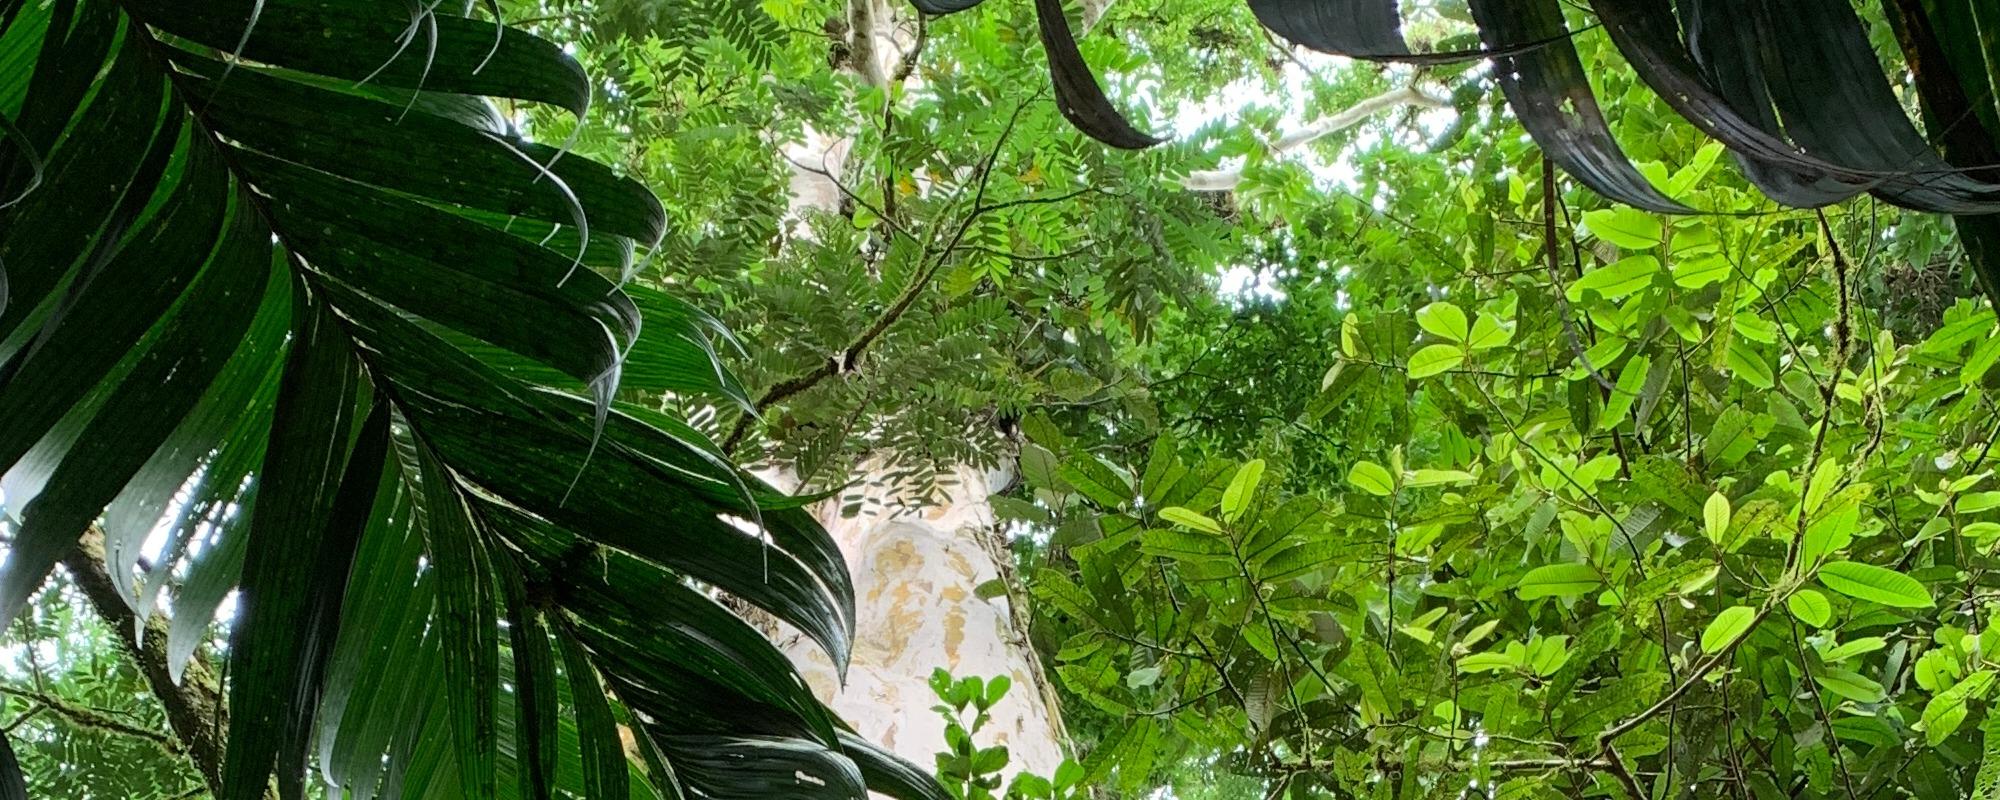 nogal reserve Chiquita Costa Rica